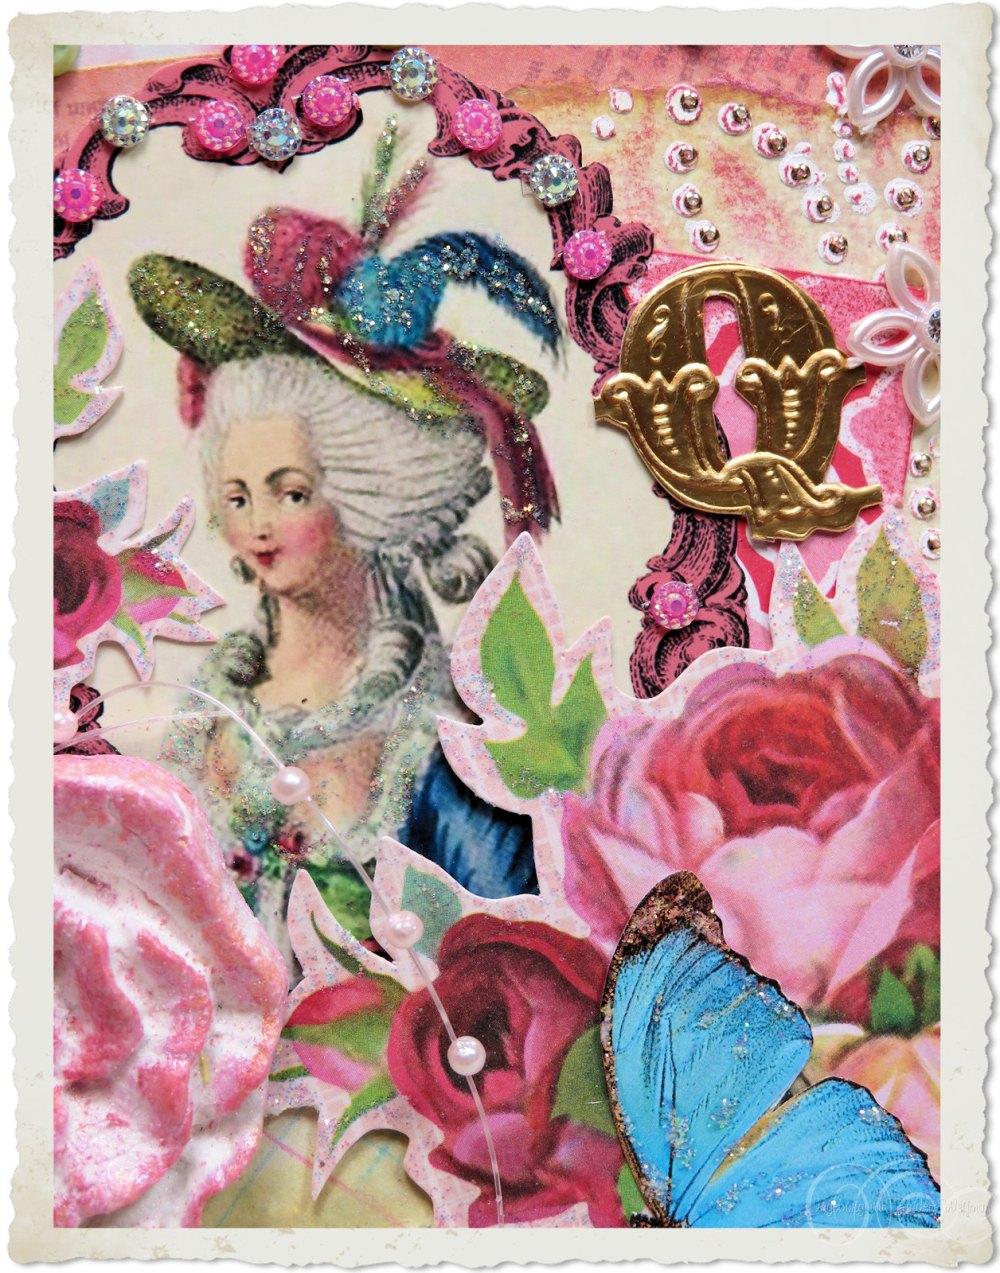 Marie-Antoinette card art by Ingeborg van Zuiden